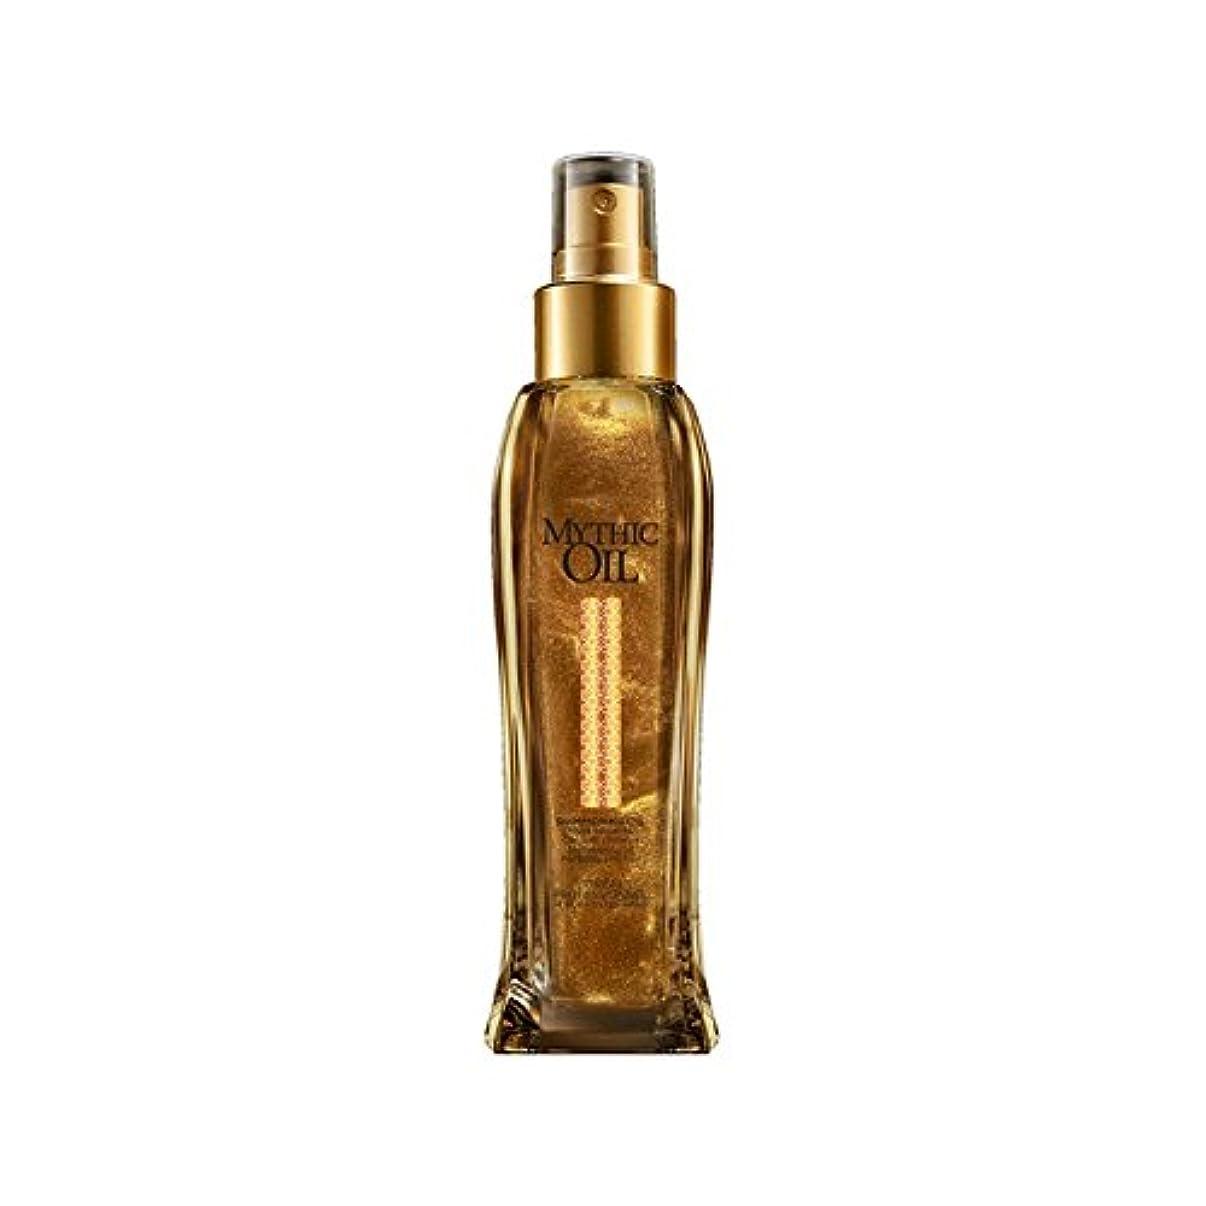 解決する扱いやすい閉塞L'Oreal Professionnel Mythic Oil Shimmering Oil (100ml) - ロレアルプロフェッショナルの神話油きらめくオイル(100ミリリットル) [並行輸入品]